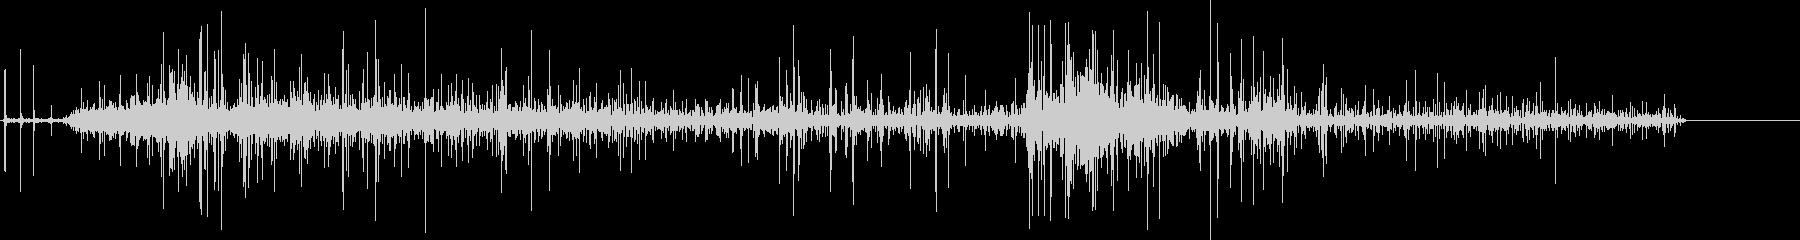 エッグスオングリドル; 3つのタッ...の未再生の波形